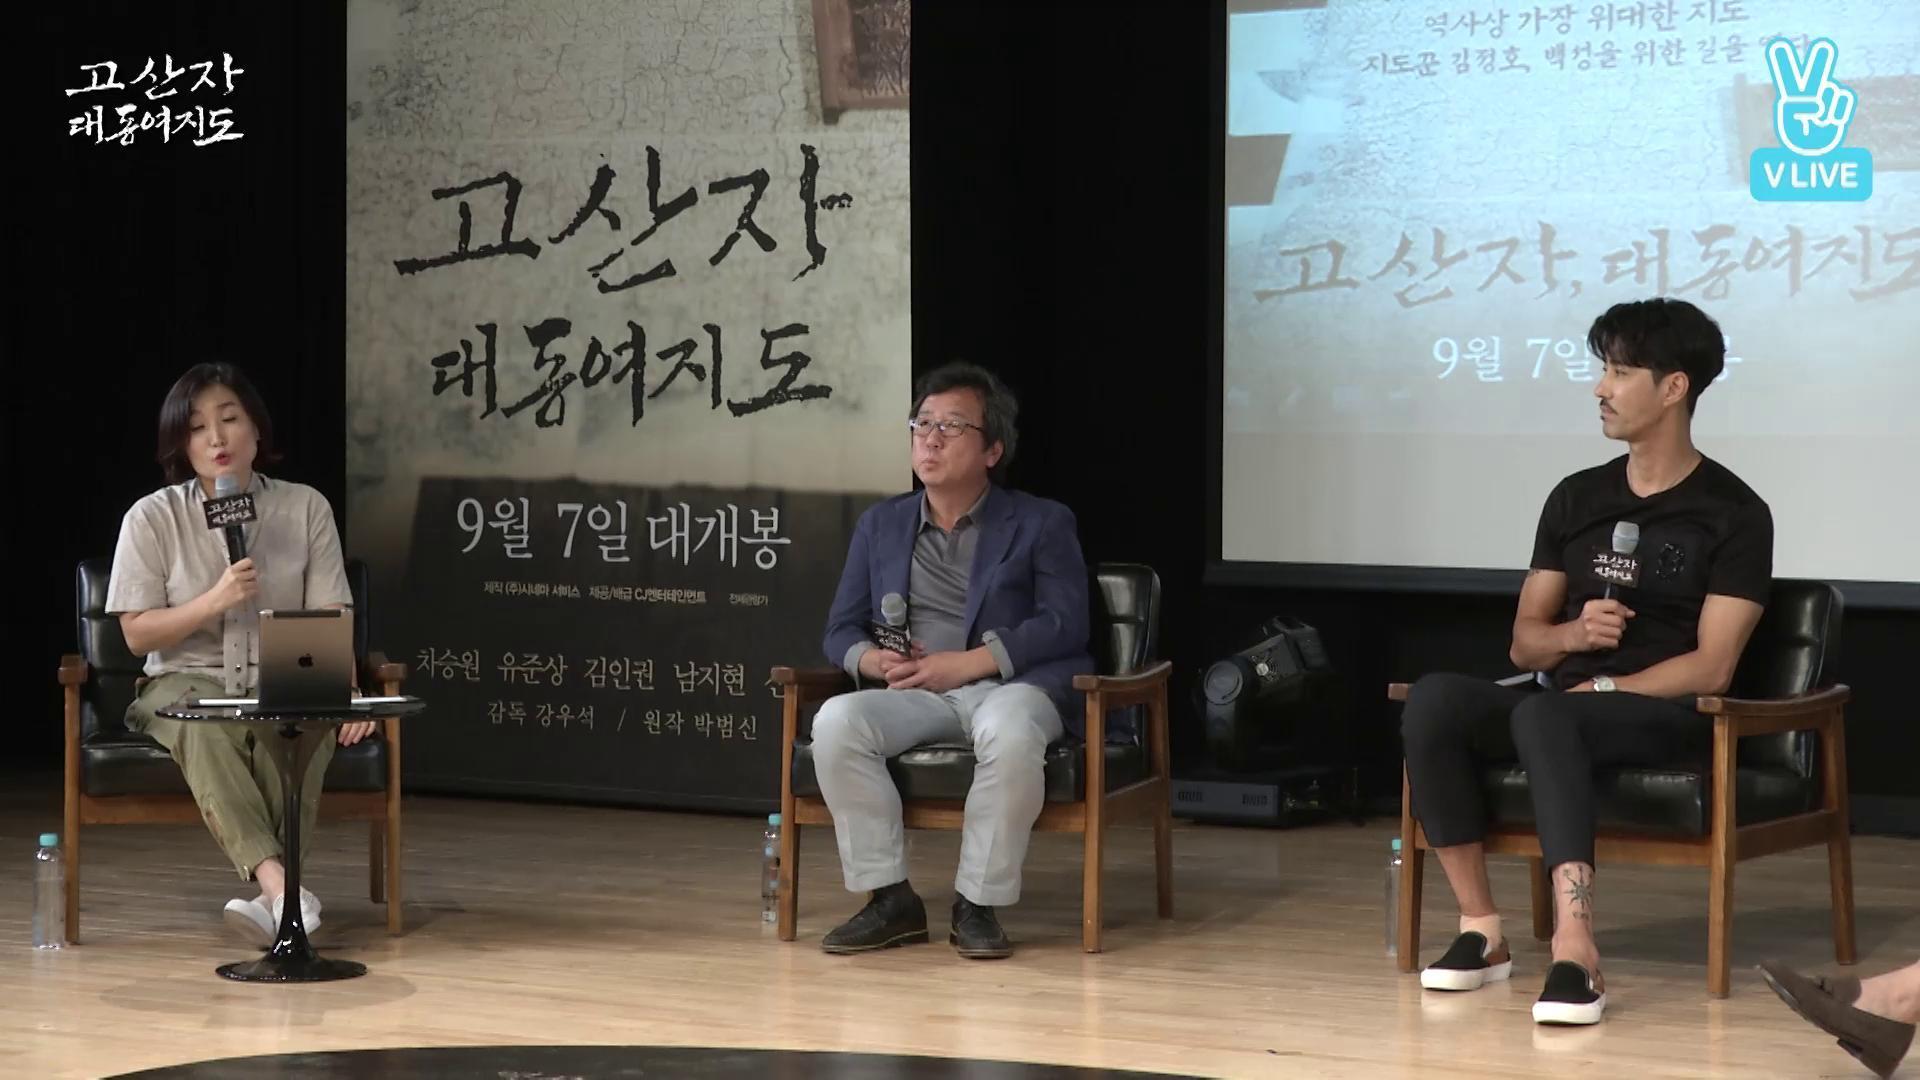 <고산자, 대동여지도> 무비토크 하이라이트 - 차솥의 탄생